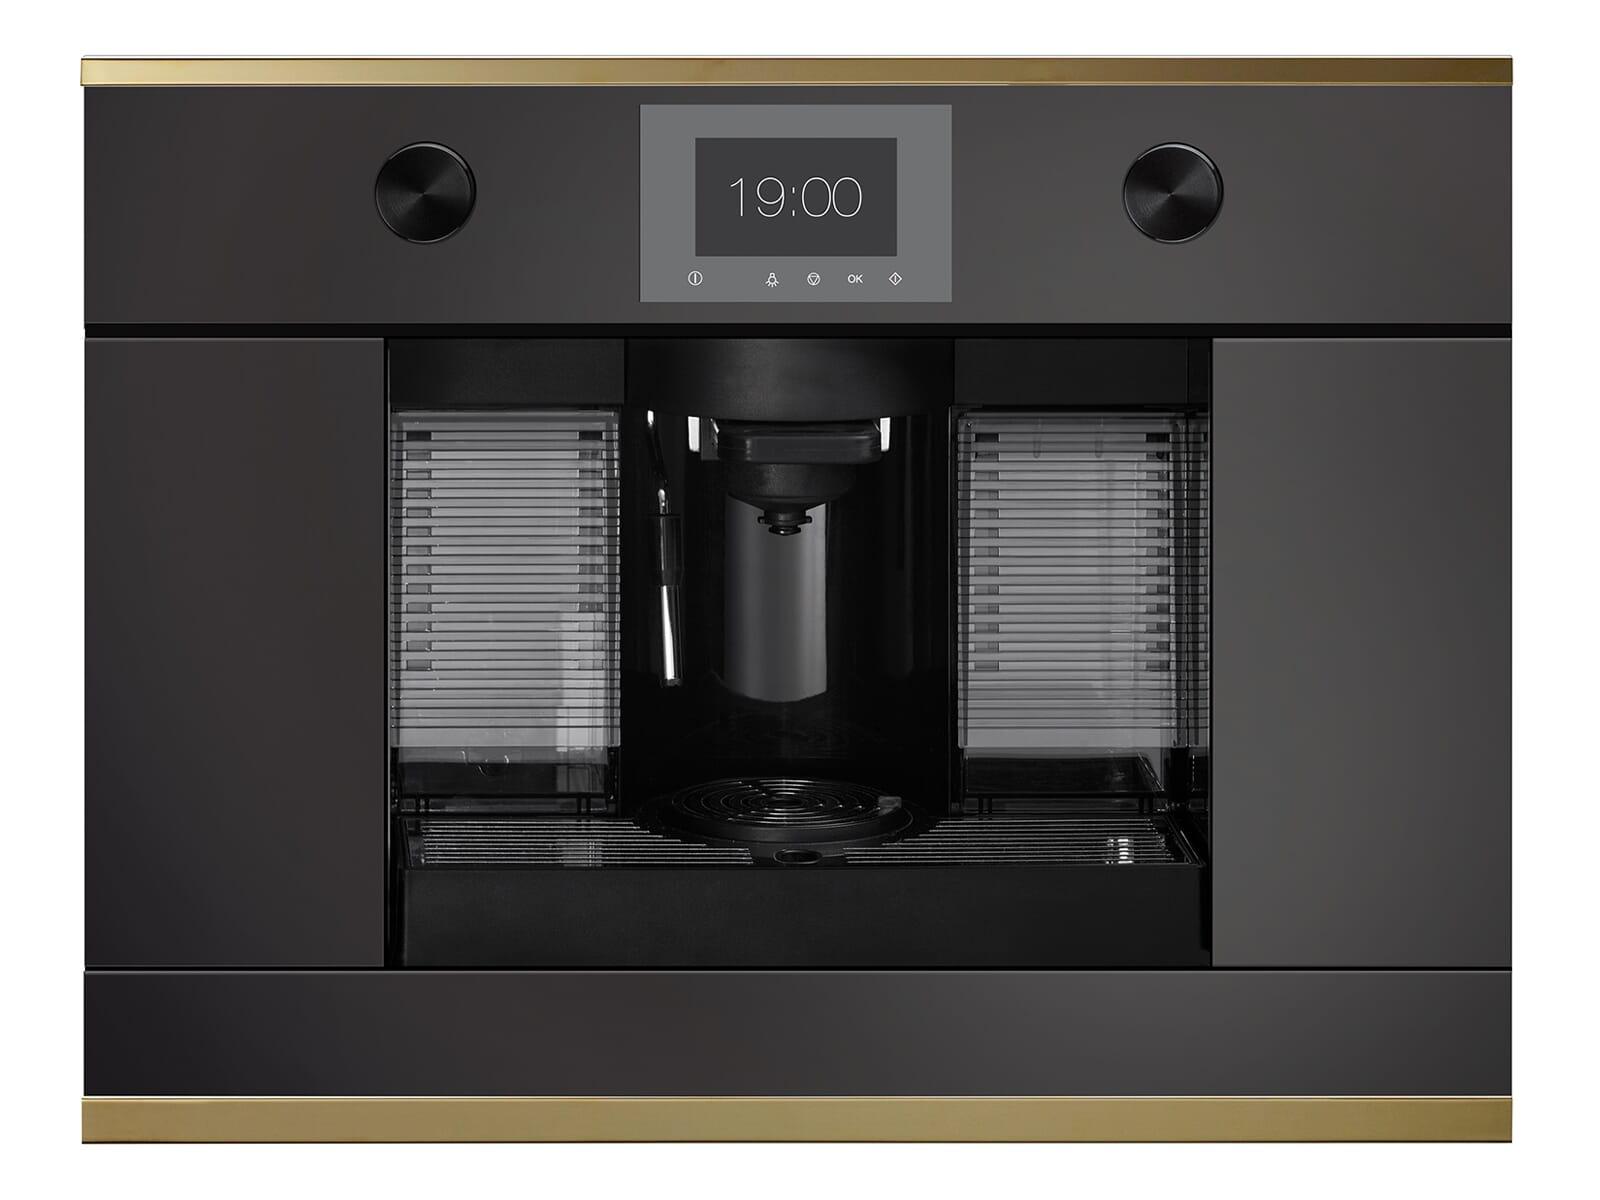 Küppersbusch CKK 6350.0 S4 K-Series.3 Kaffee-Kapselautomat Schwarz/Gold für Nespresso® Kapseln